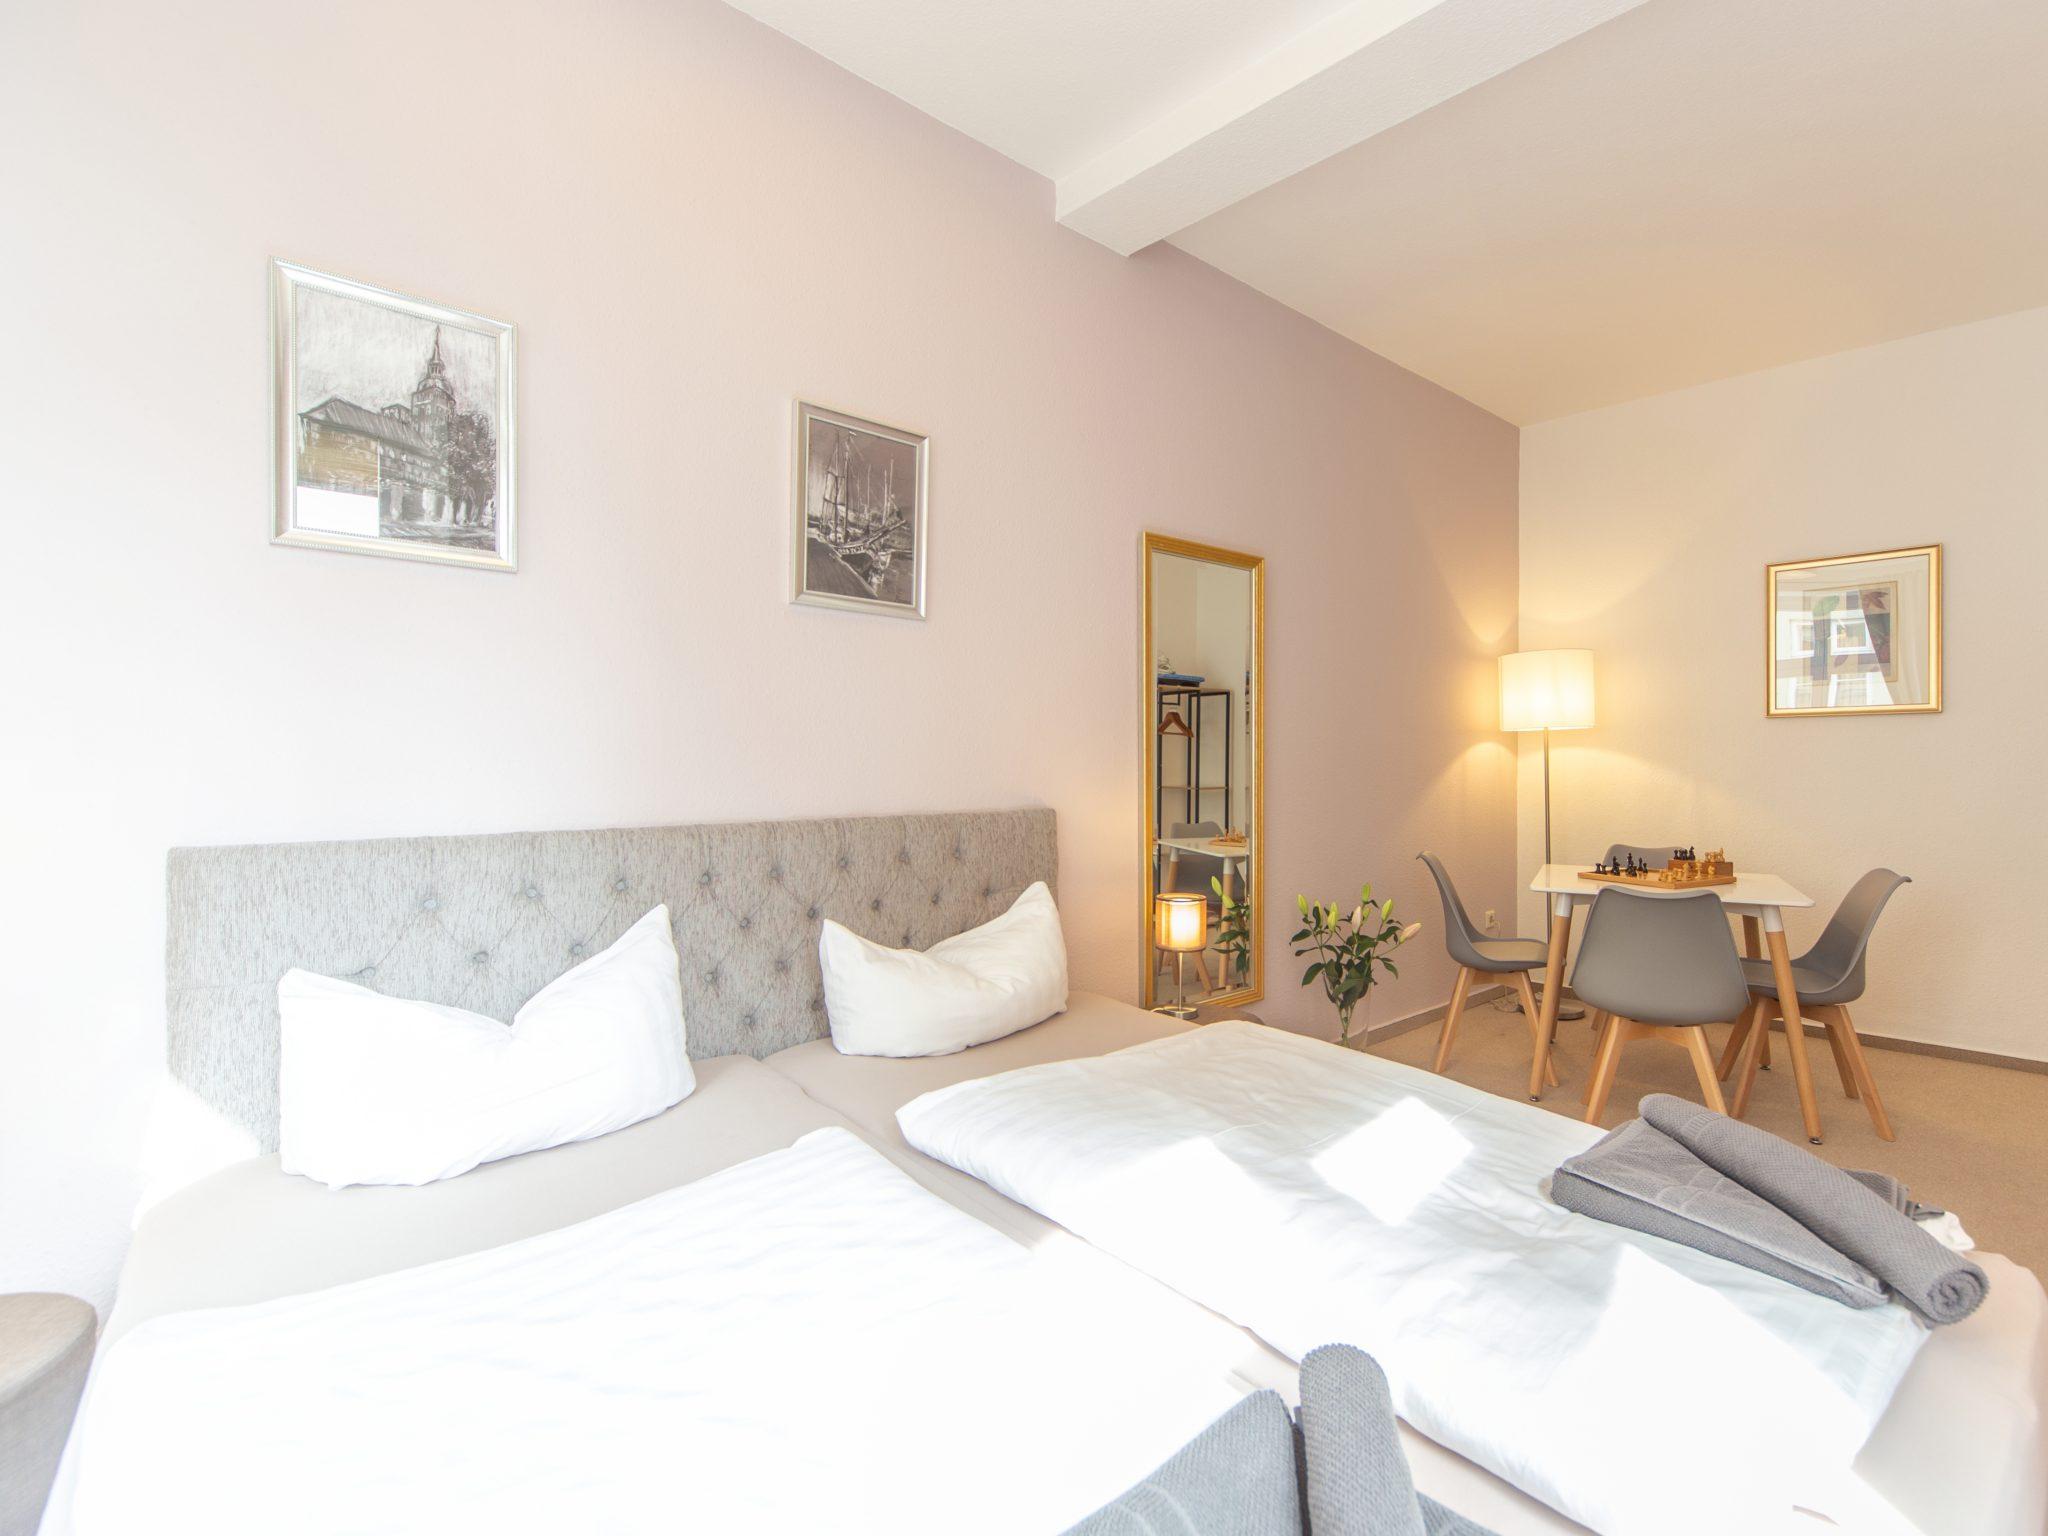 Schlafraum mit Doppelbett und Sitzbereich